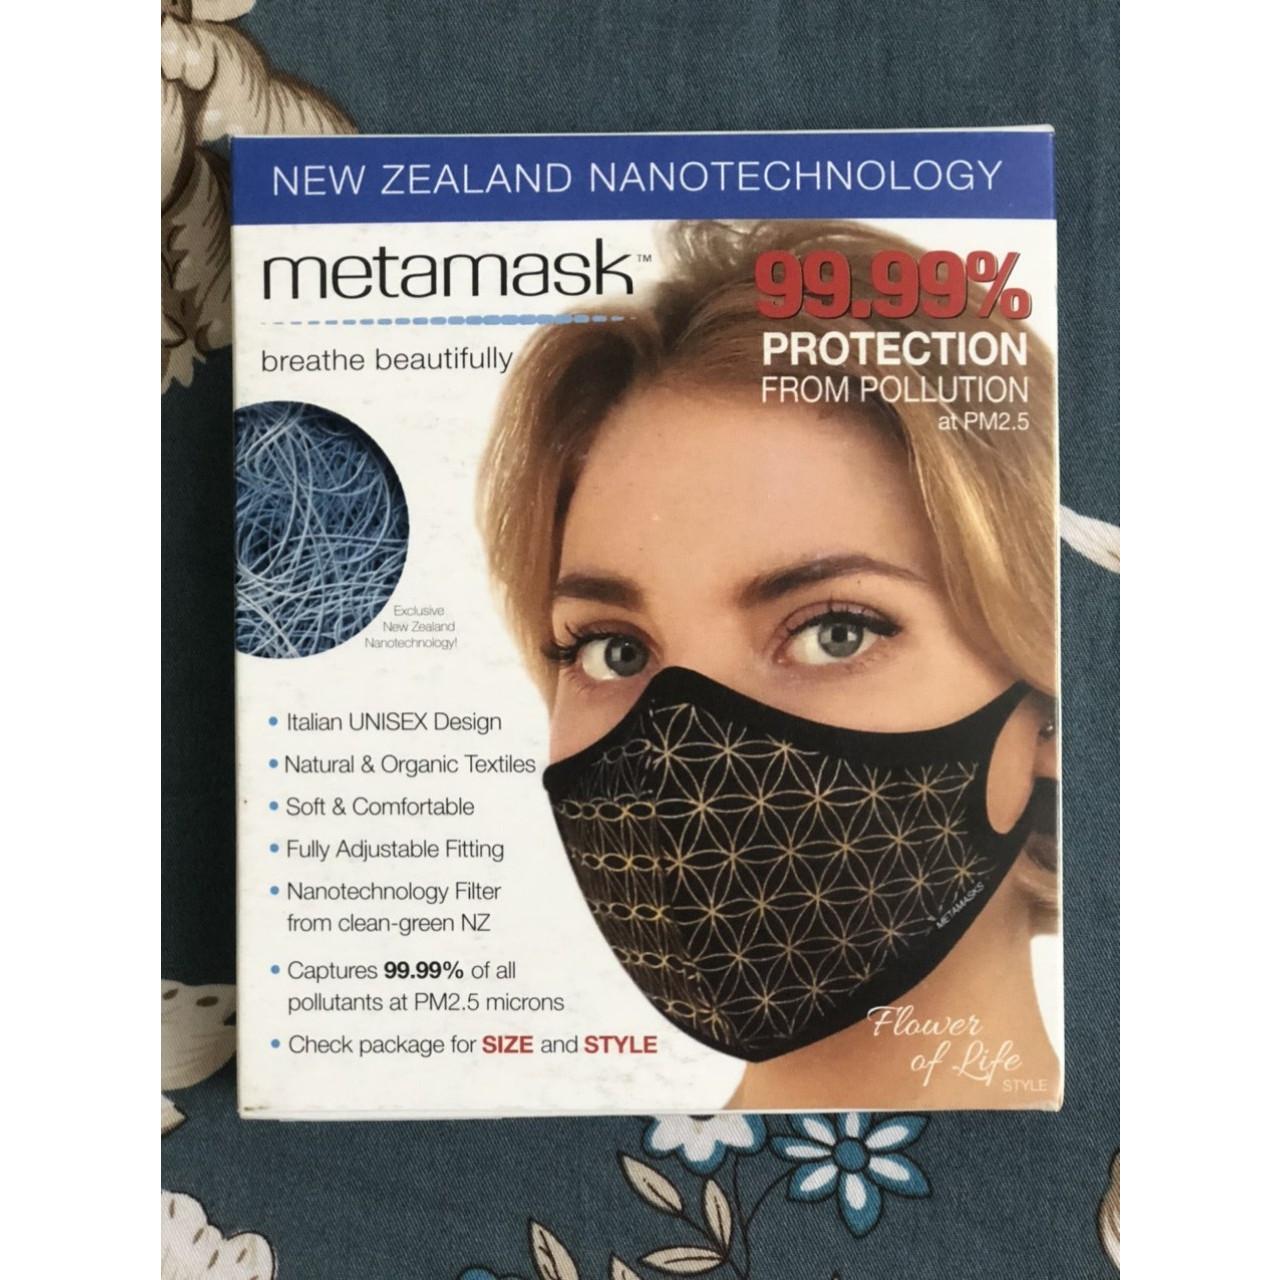 Khẩu Trang Cao Cấp Metamasks - Phòng chống hiệu quả Bụi Mịn Và Các Vi Khuẩn, Virus Có Hại  - S - Flower